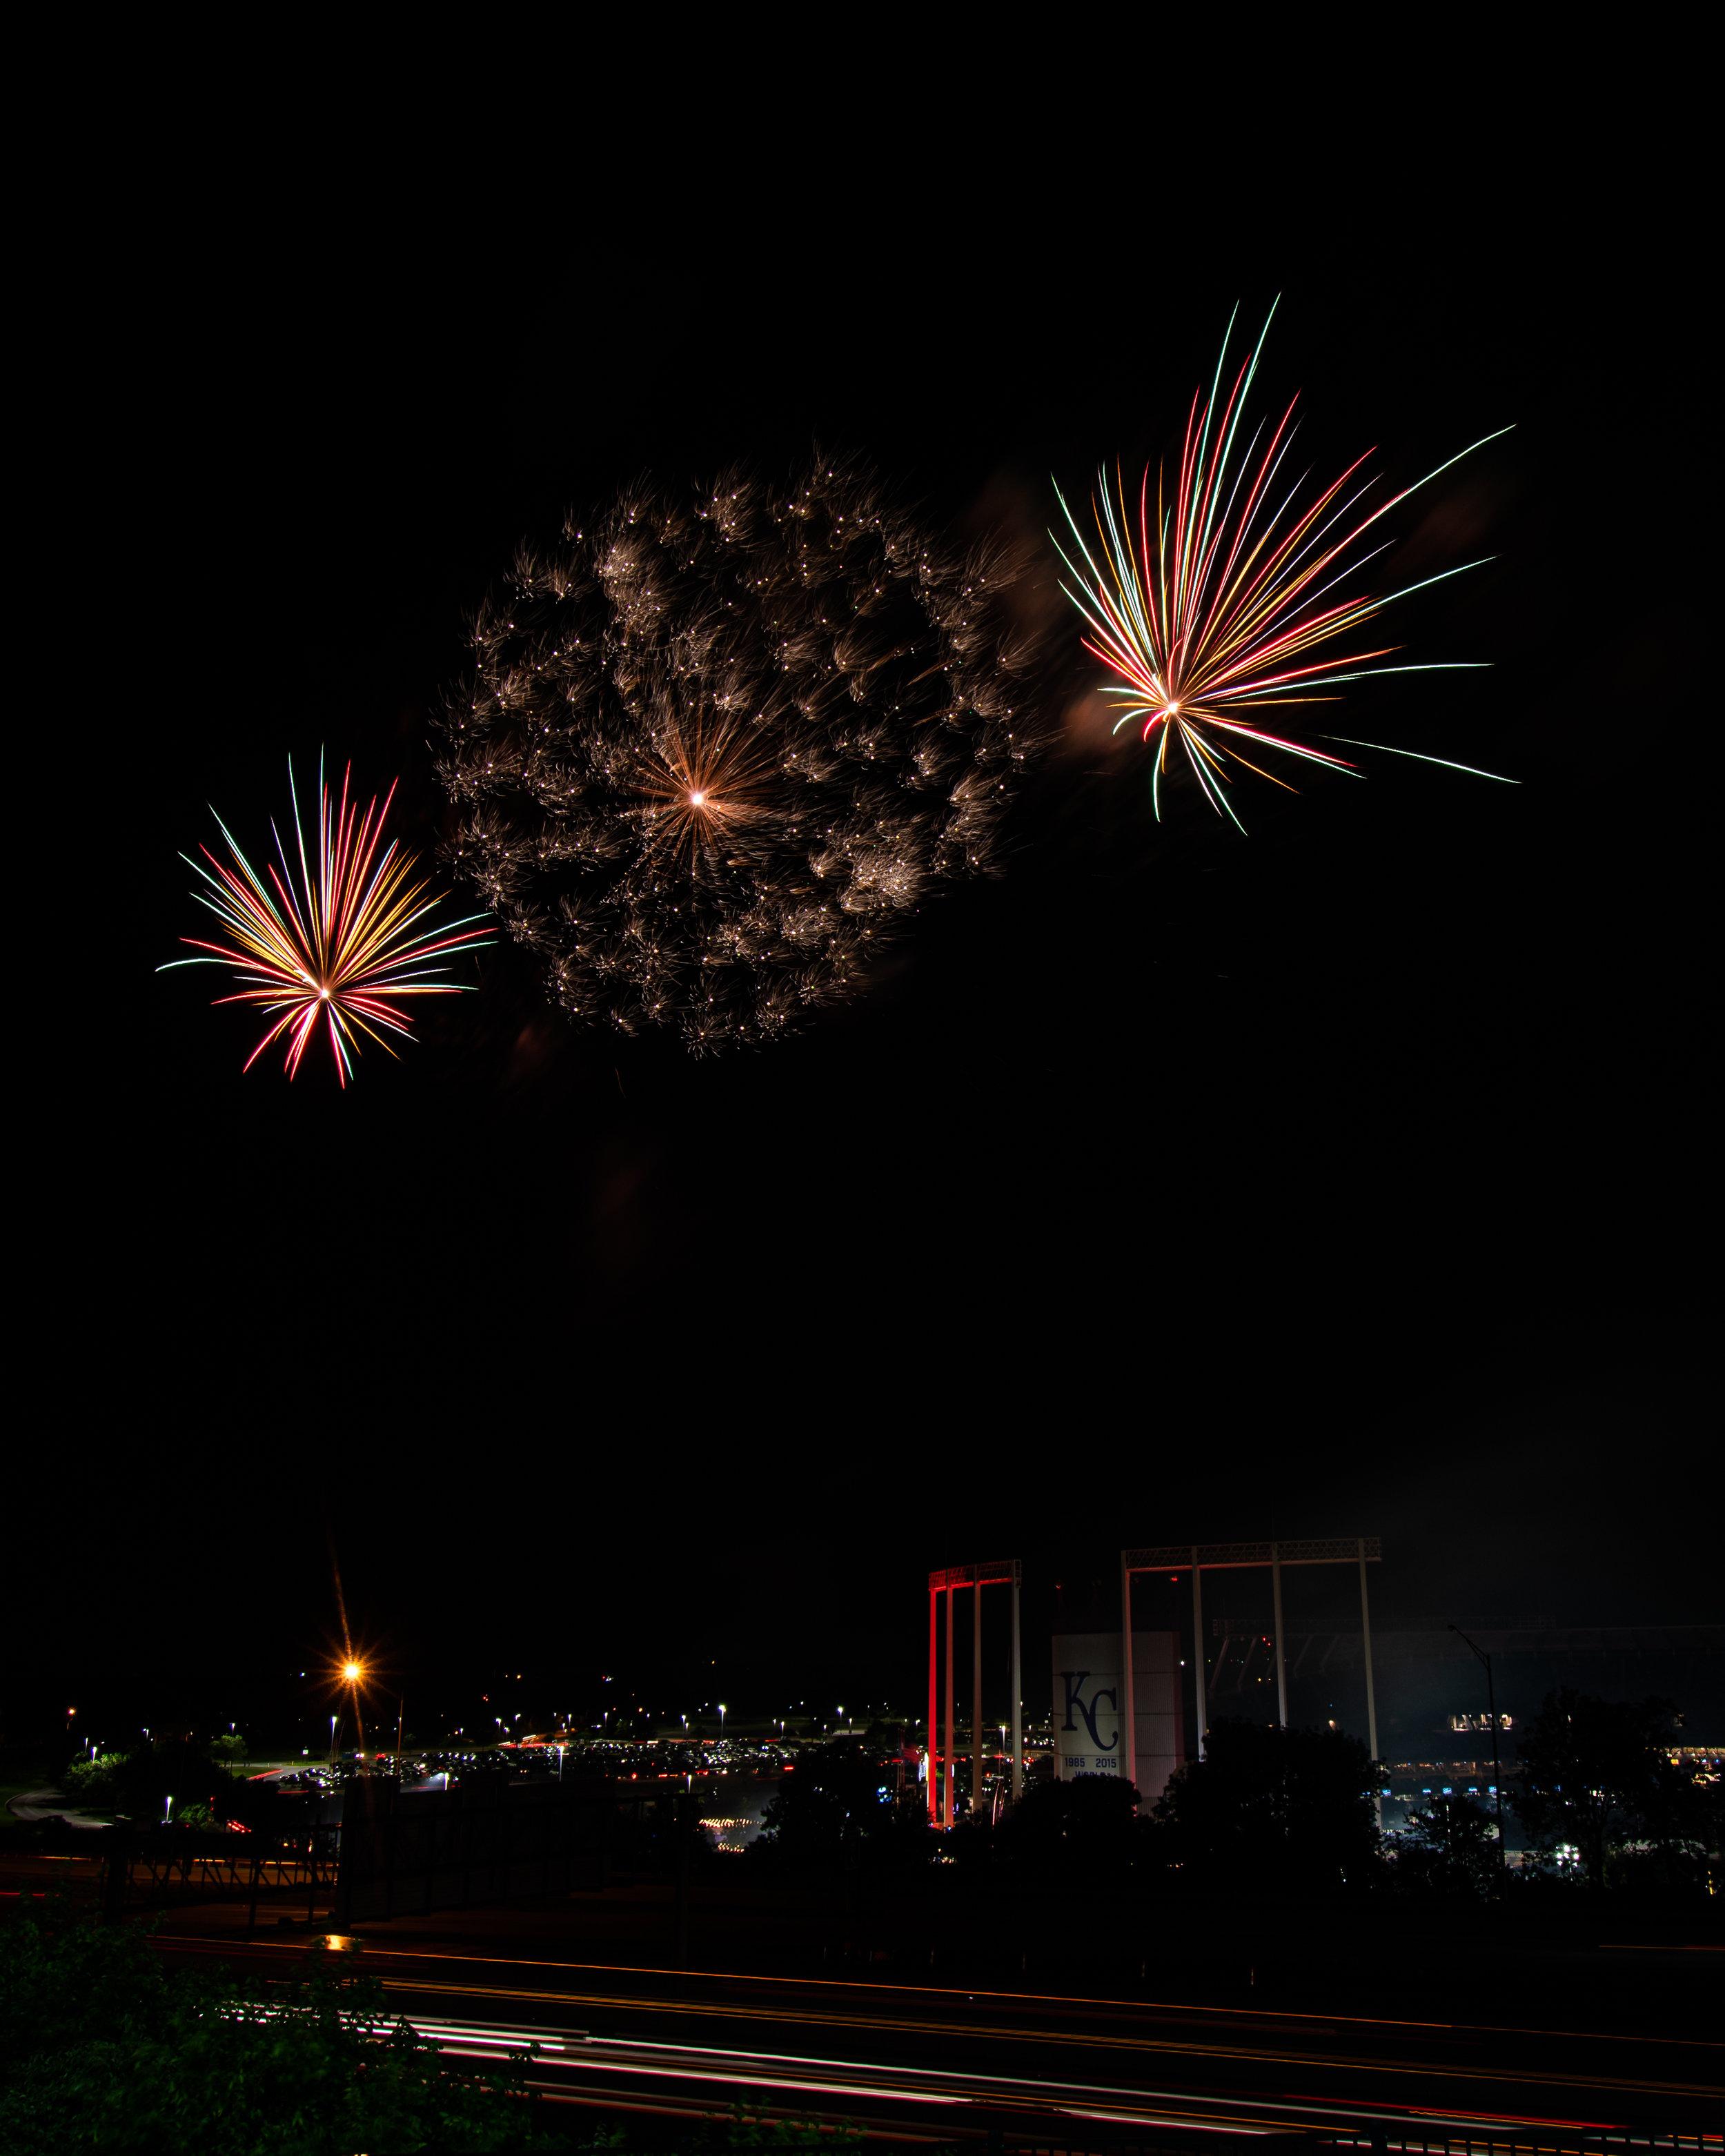 firework-friday-43-of-51_48108274776_o.jpg